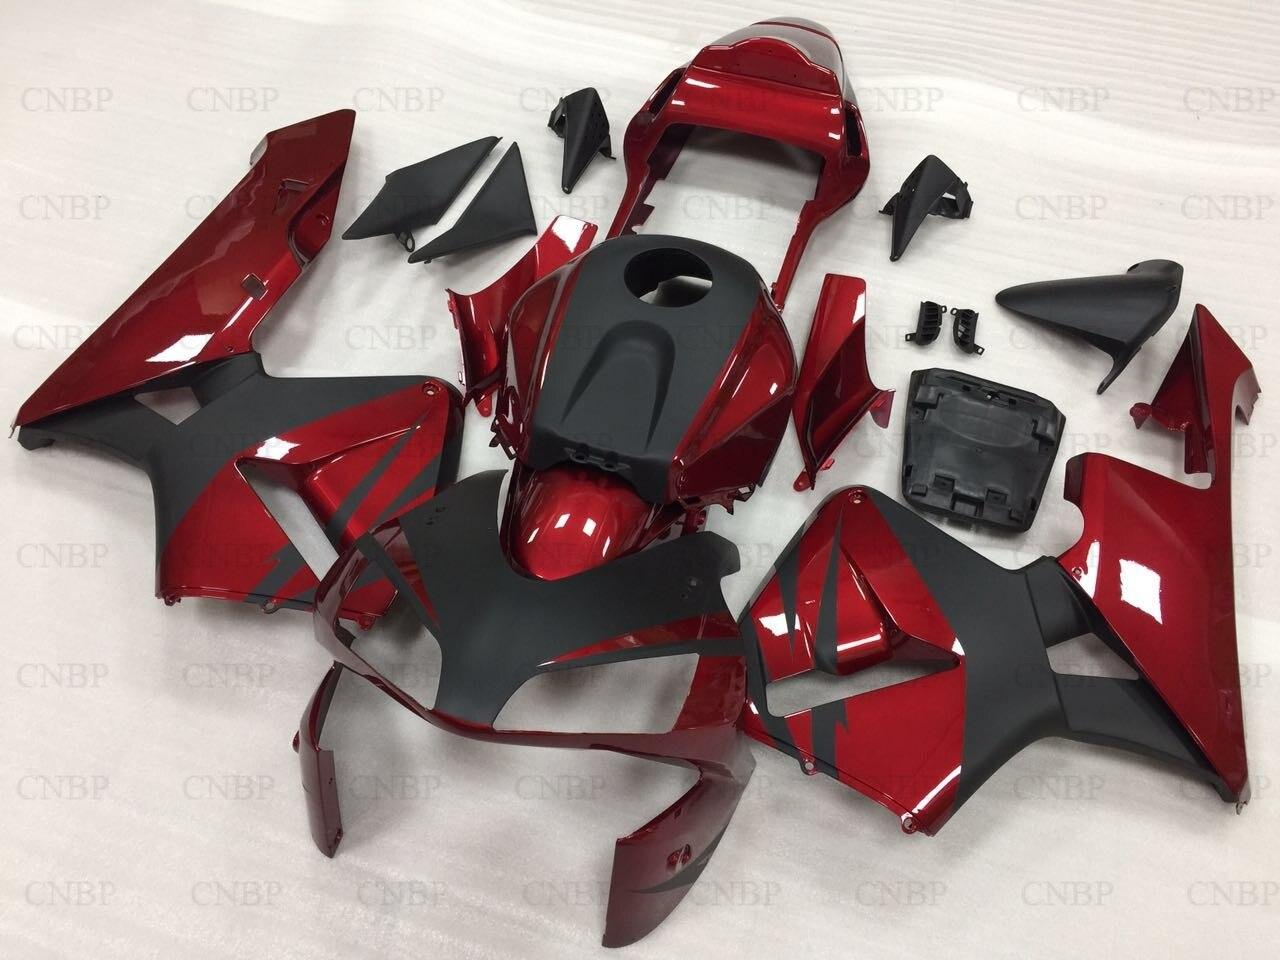 Dark Red Black Bodywork for CBR600RR CBR600 CBR 600 RR 2003 2004 03 04 Fairing Body Kit for honda cbr 600 rr 2003 2004 injection abs plastic motorcycle fairing kit bodywork cbr 600rr 03 04 cbr600rr cbr600 rr cb18